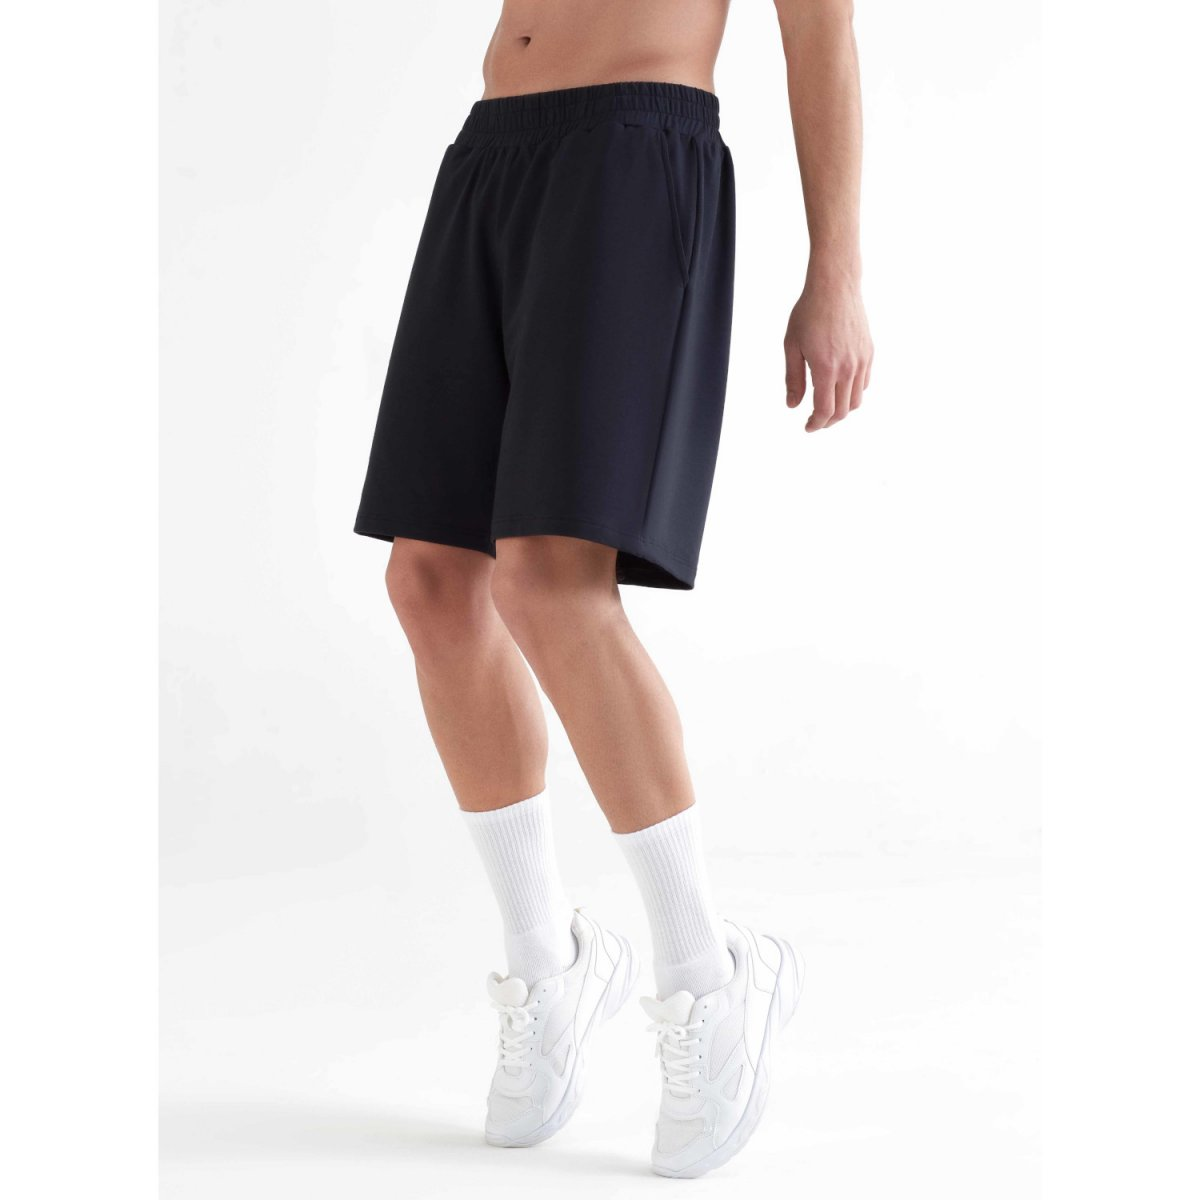 Pantaloncini Sport Uomo in Cotone biologico e Modal®